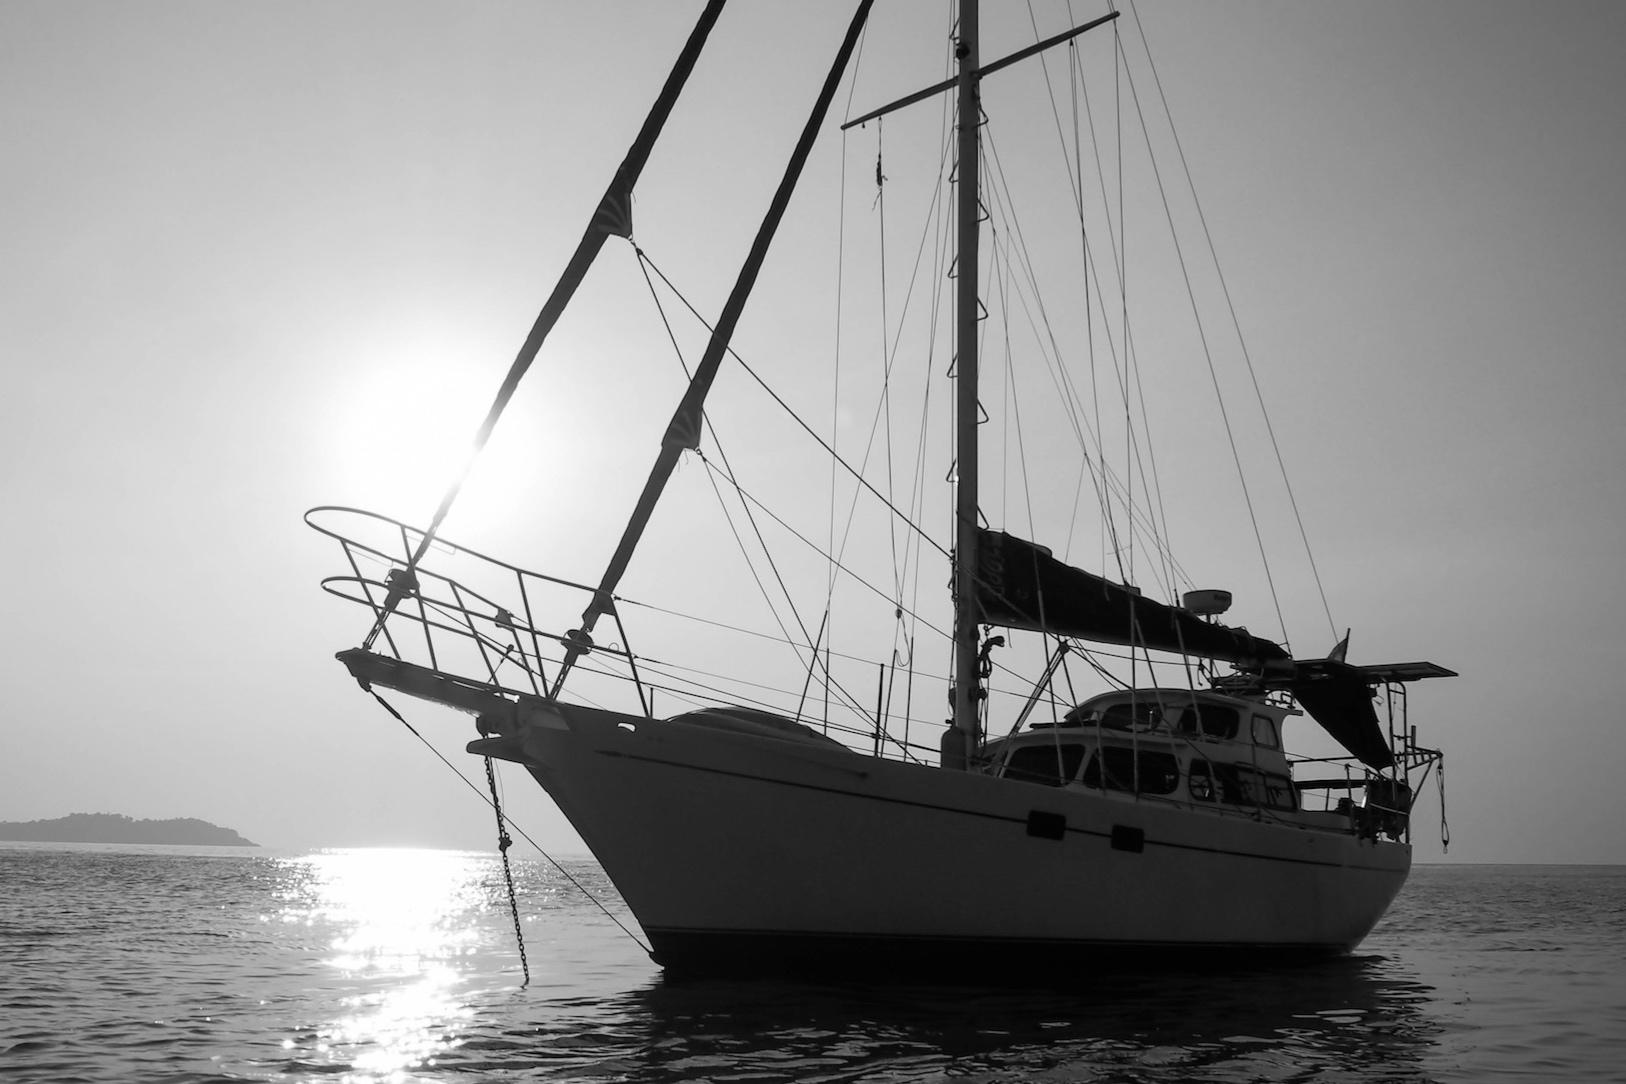 Pirate ship? Photo by  Igor Ovsyannykov  on  Unsplash